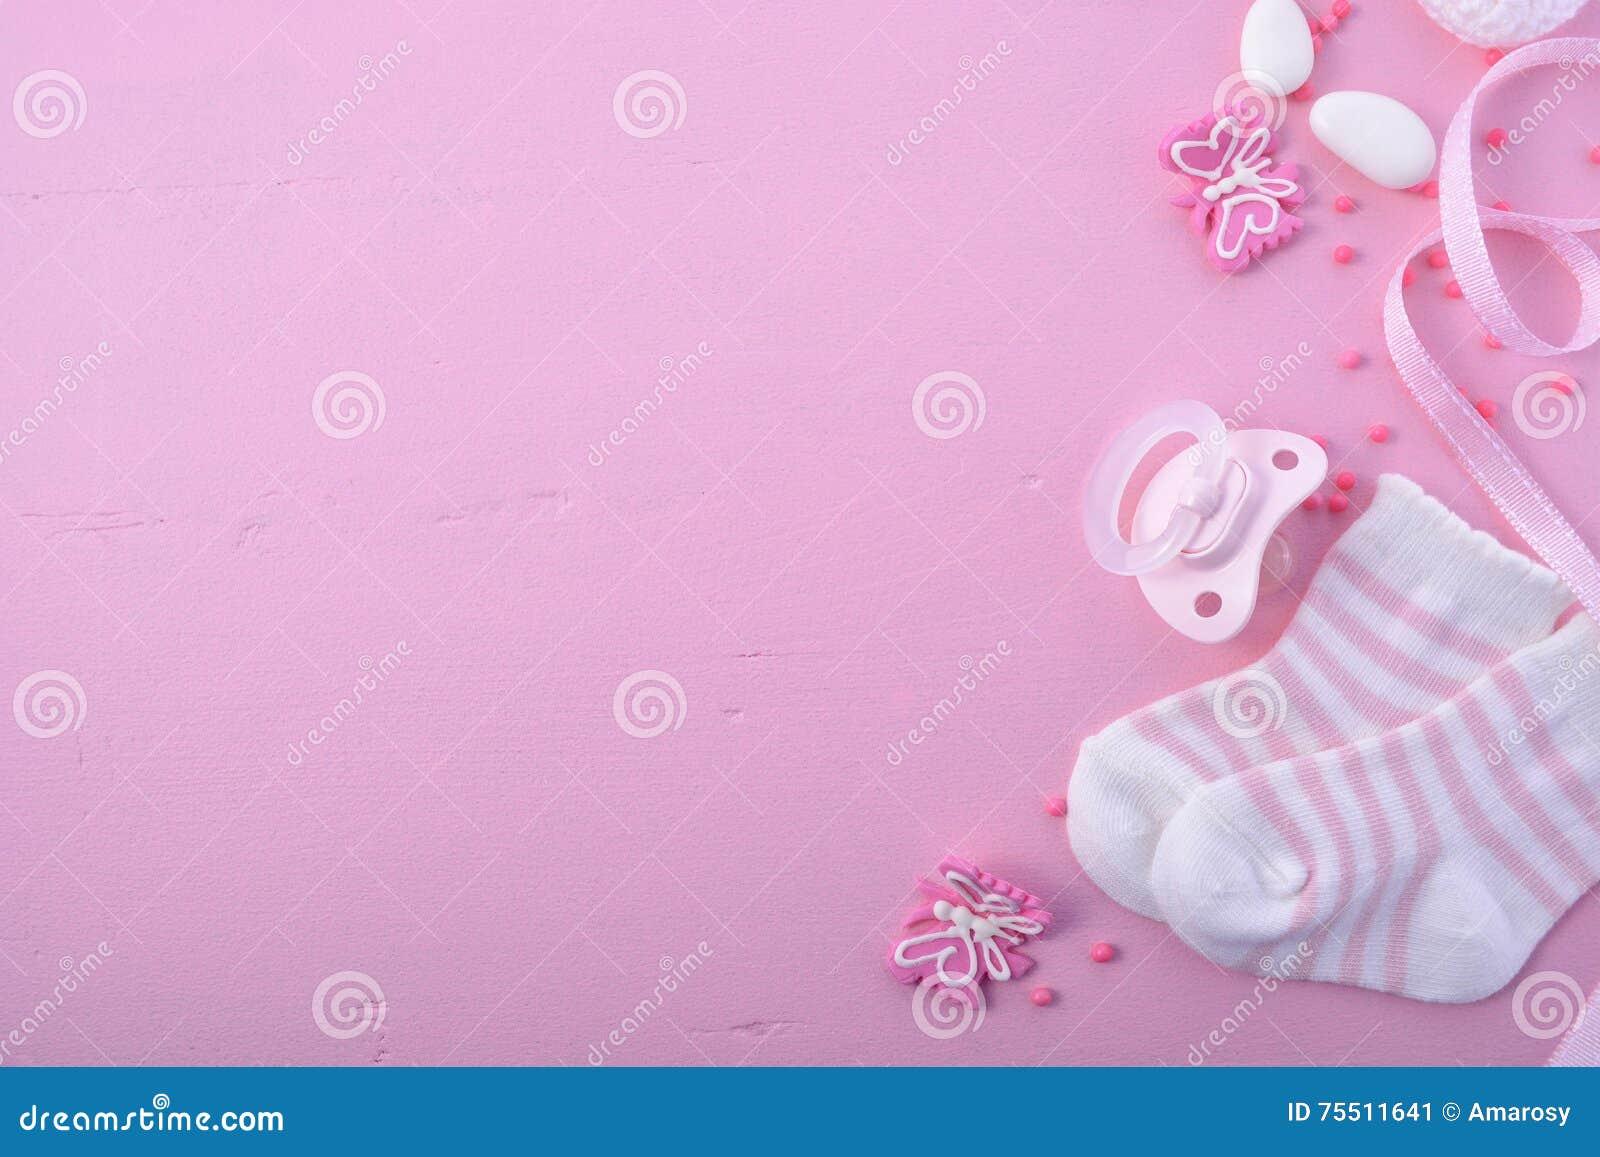 Розовая предпосылка питомника детского душа